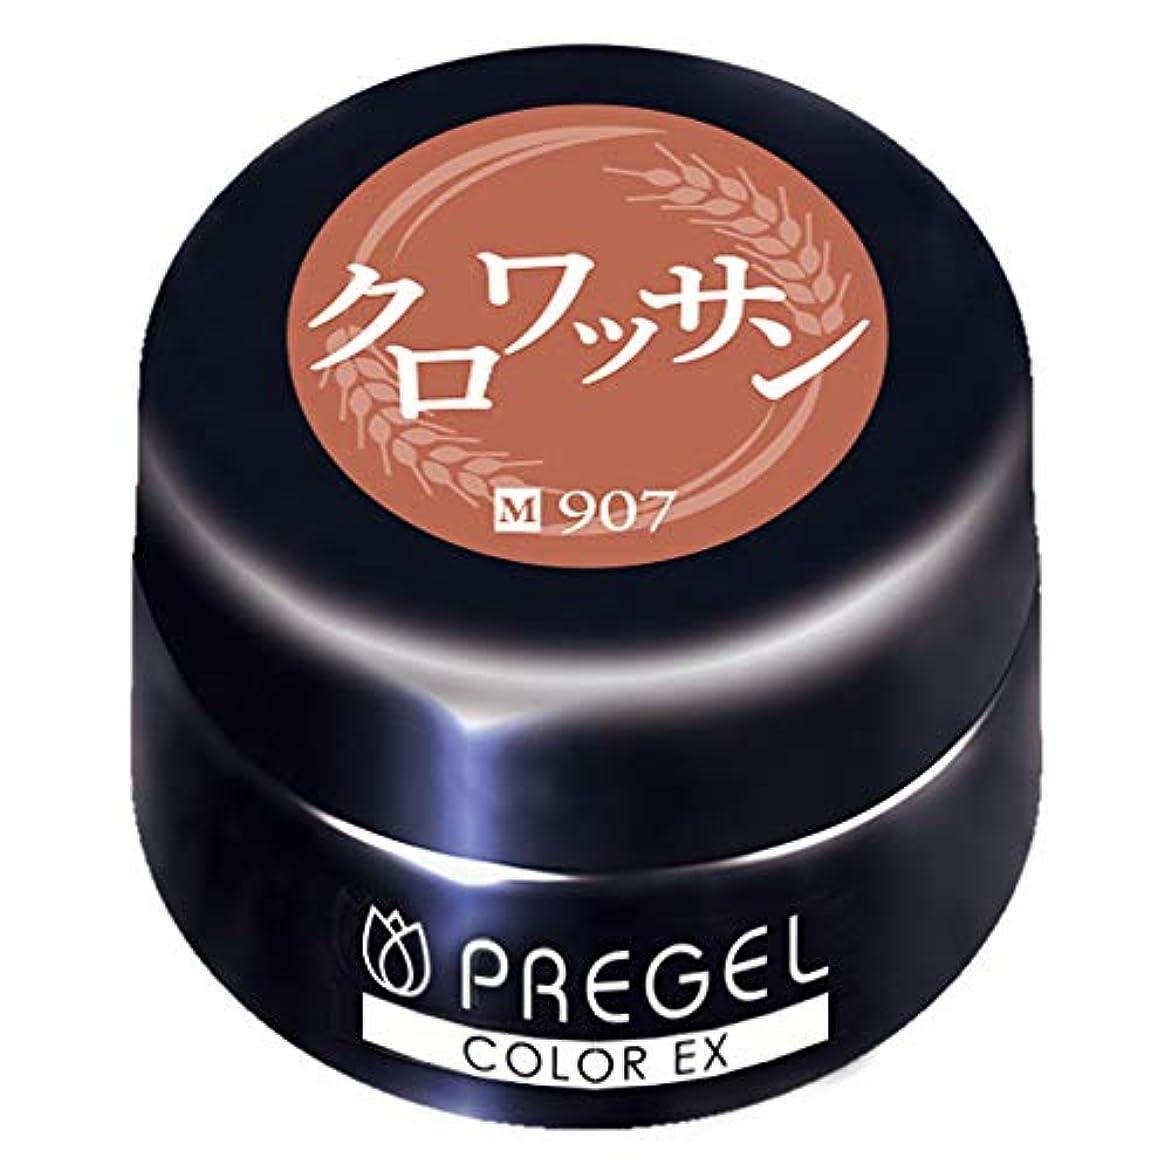 安西偽善者傀儡PRE GEL(プリジェル) カラーEX クロワッサン 3g PG-CE907 UV/LED対応